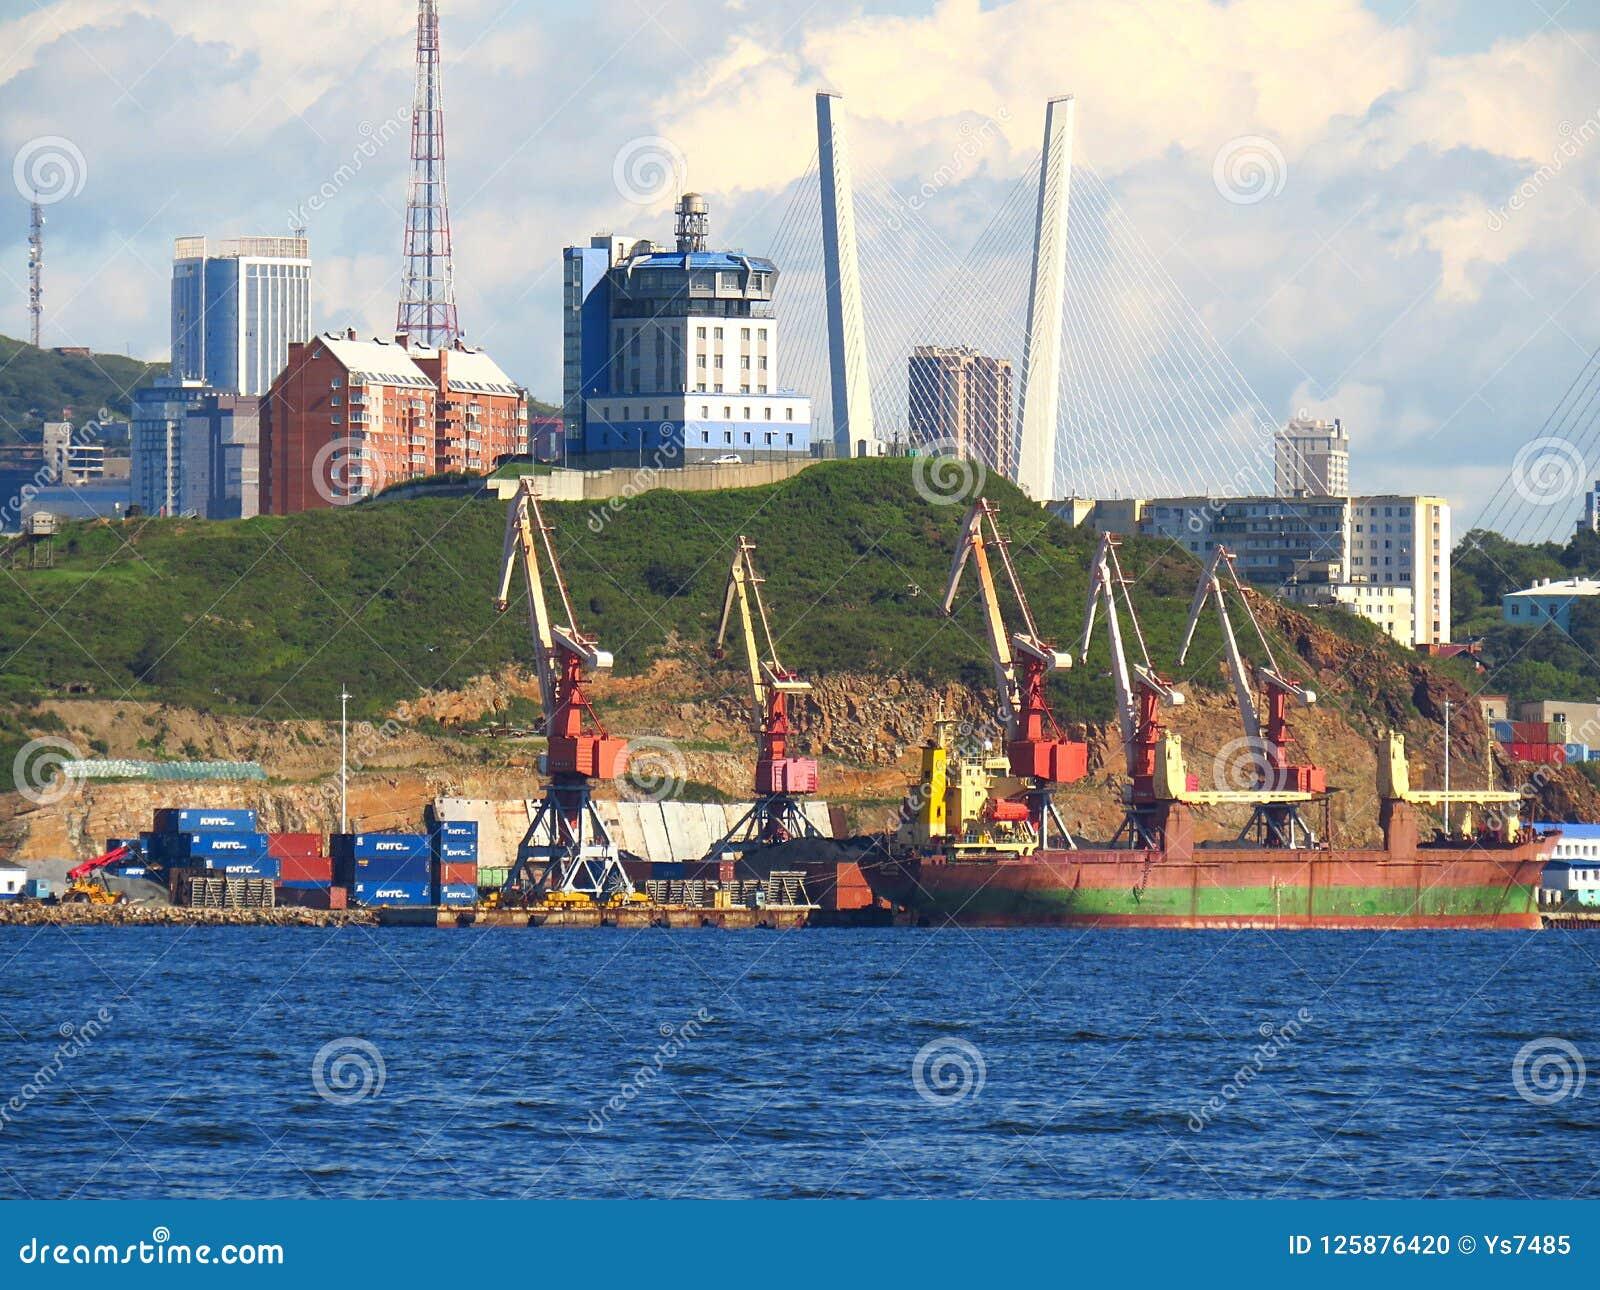 Vladivostok, kray Primorsky/Rusland - September 8 2018: De scheepsverkeerdienst VTS van haven Vladivostok